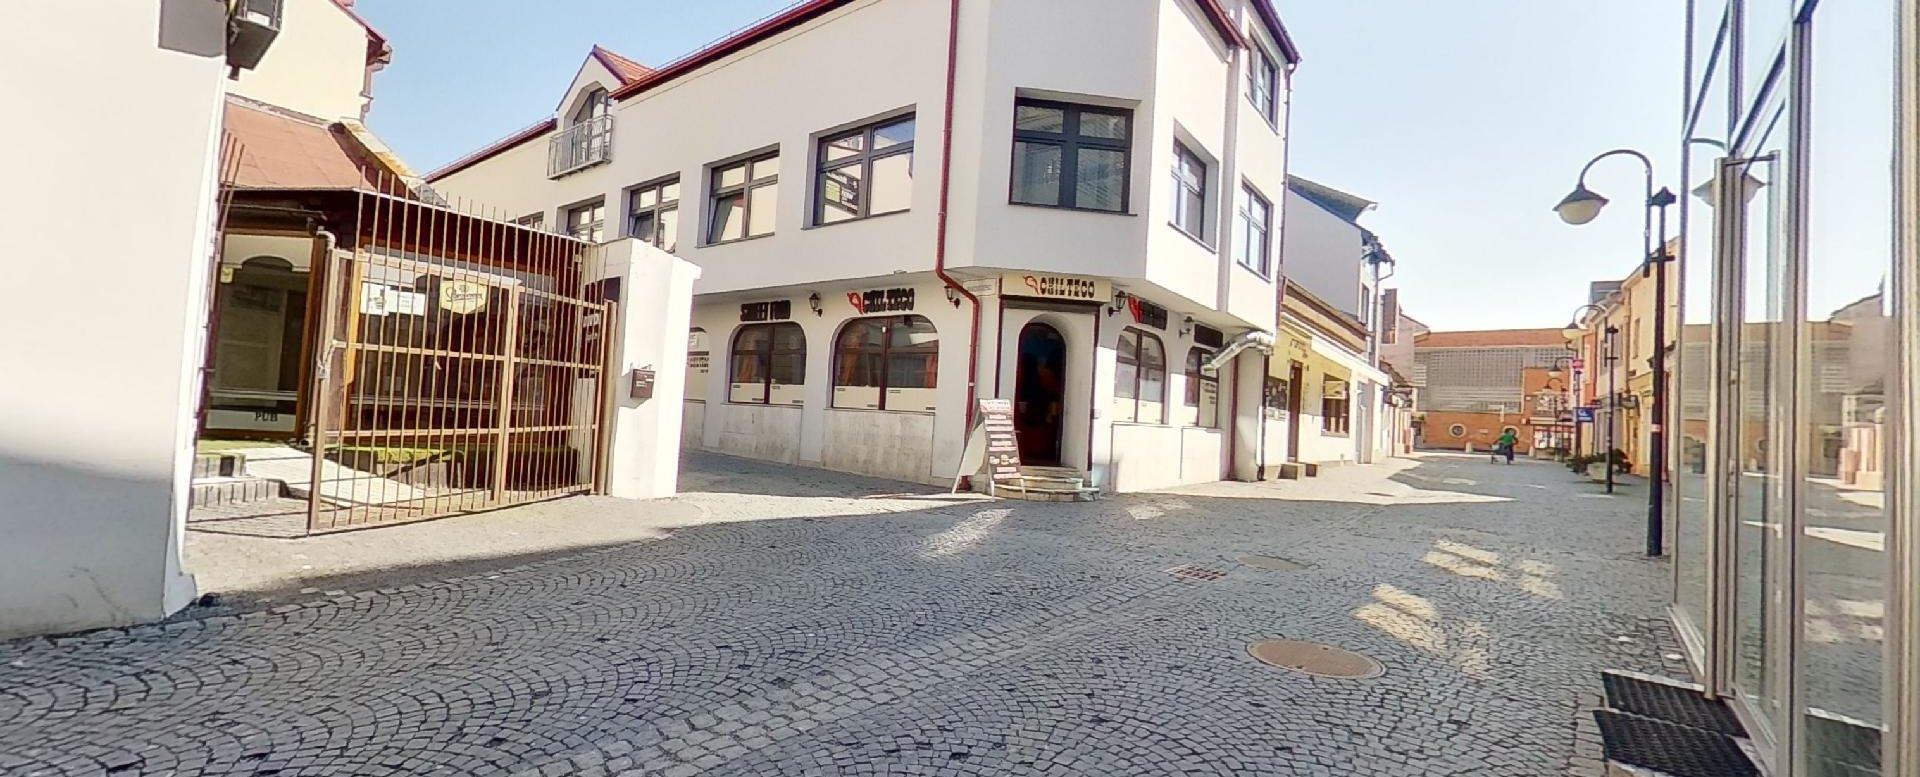 budova v historickom centre Žiliny